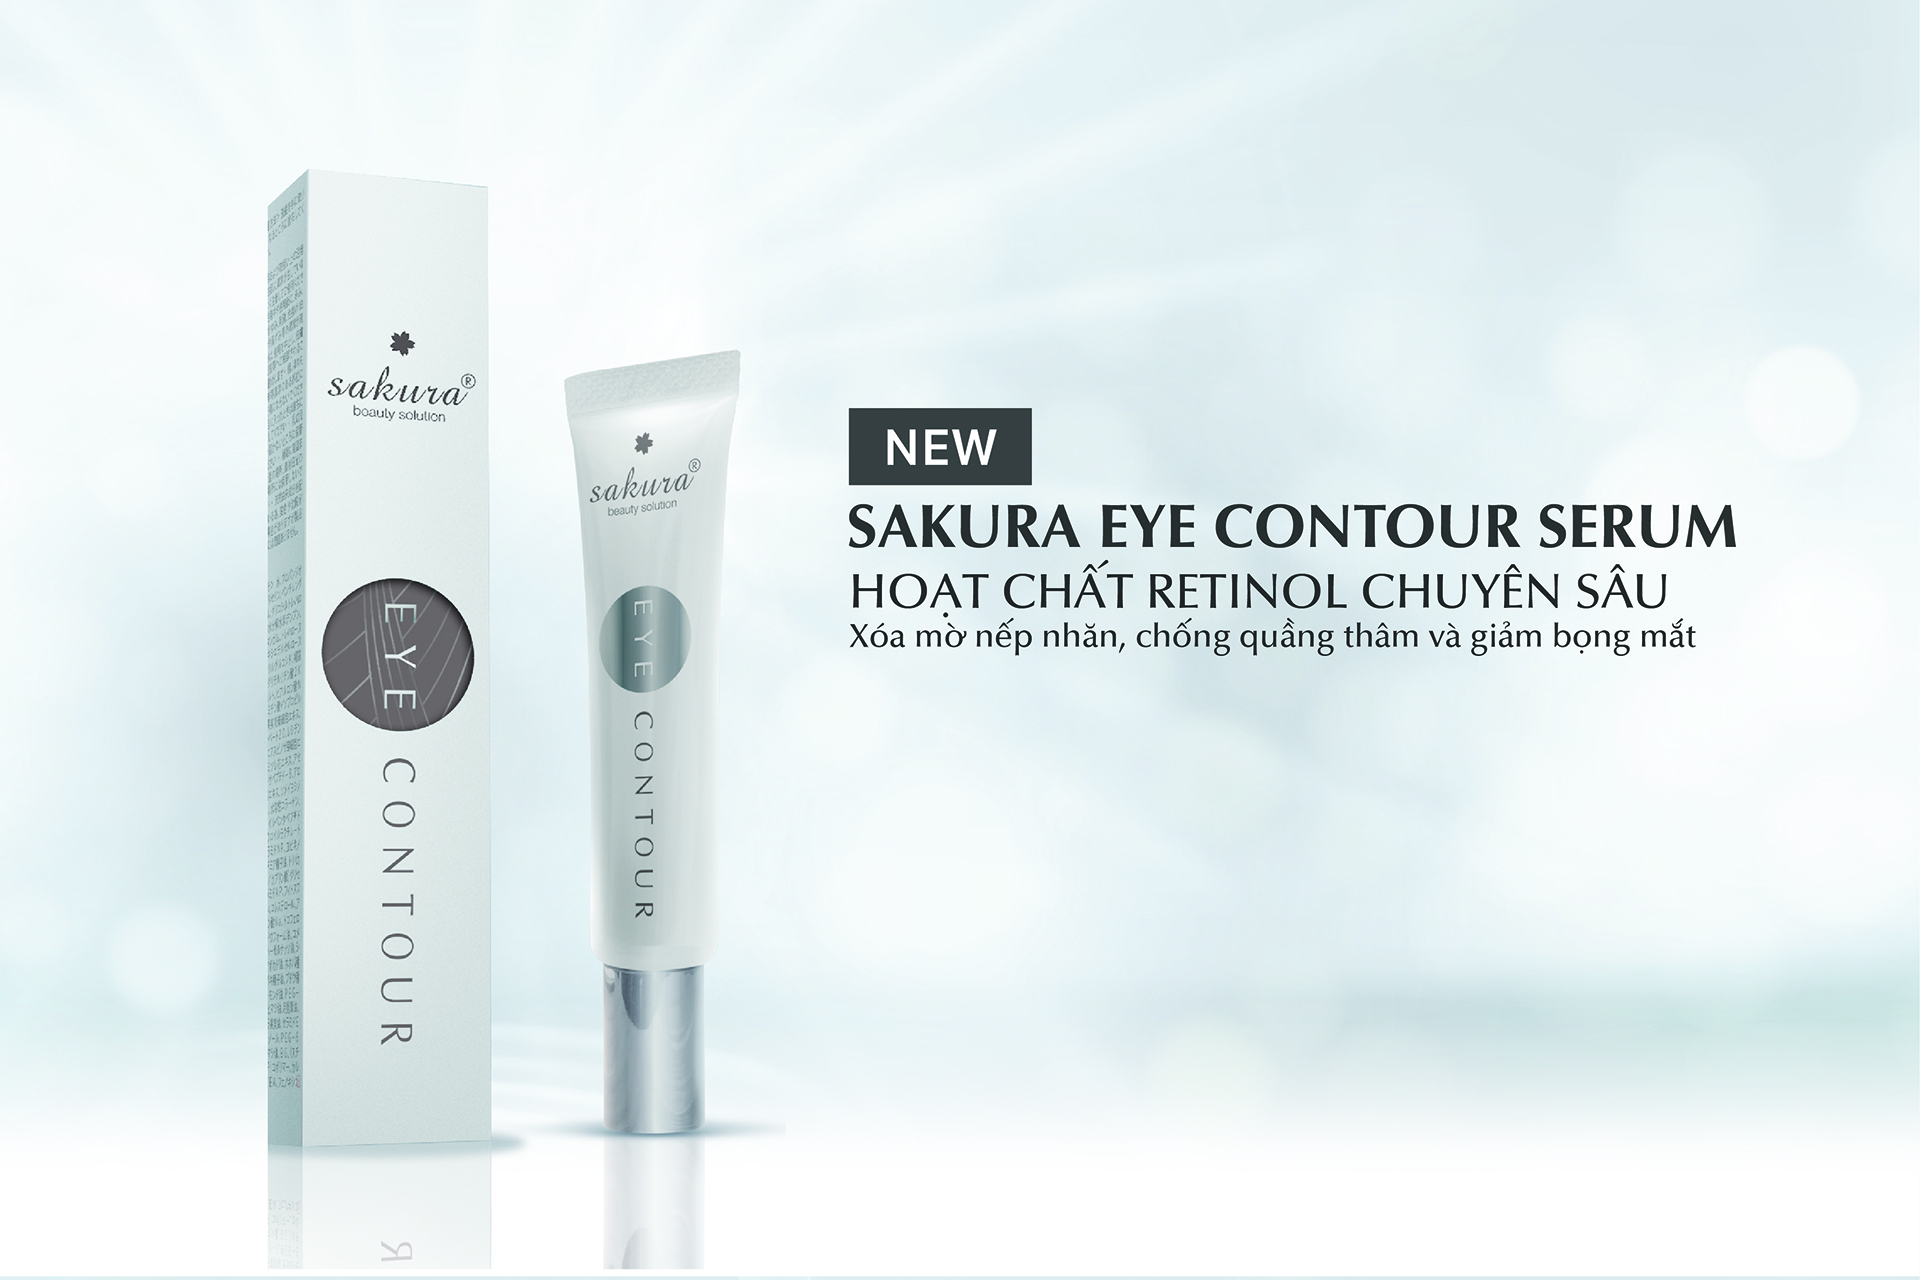 Ra mắt sản phẩm mới Sakura Eye Contour Serum – Giảm nếp nhăn, quầng thâm vùng mắt